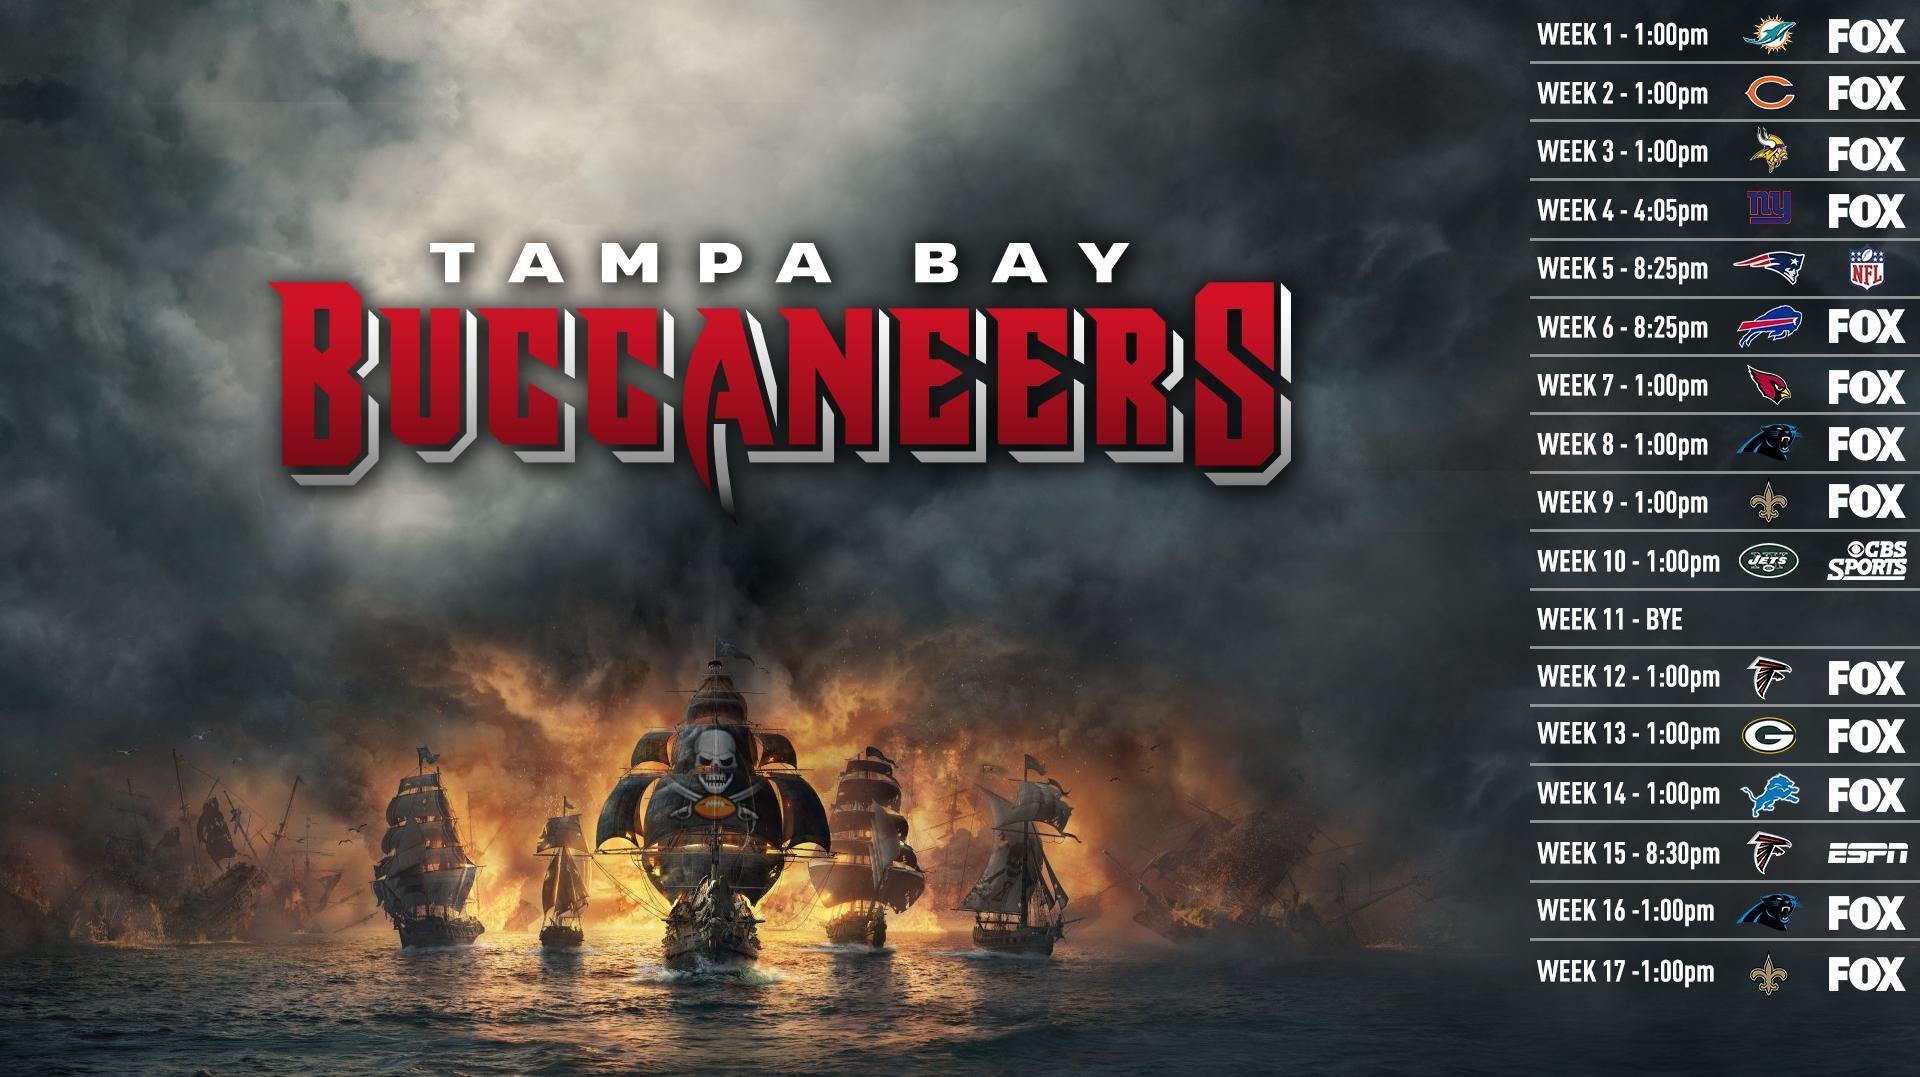 Tampa Bay Buccaneers Wallpaper Tampa Bay Buccaneers 2018 Schedule 3273000 Hd Wallpaper Backgrounds Download